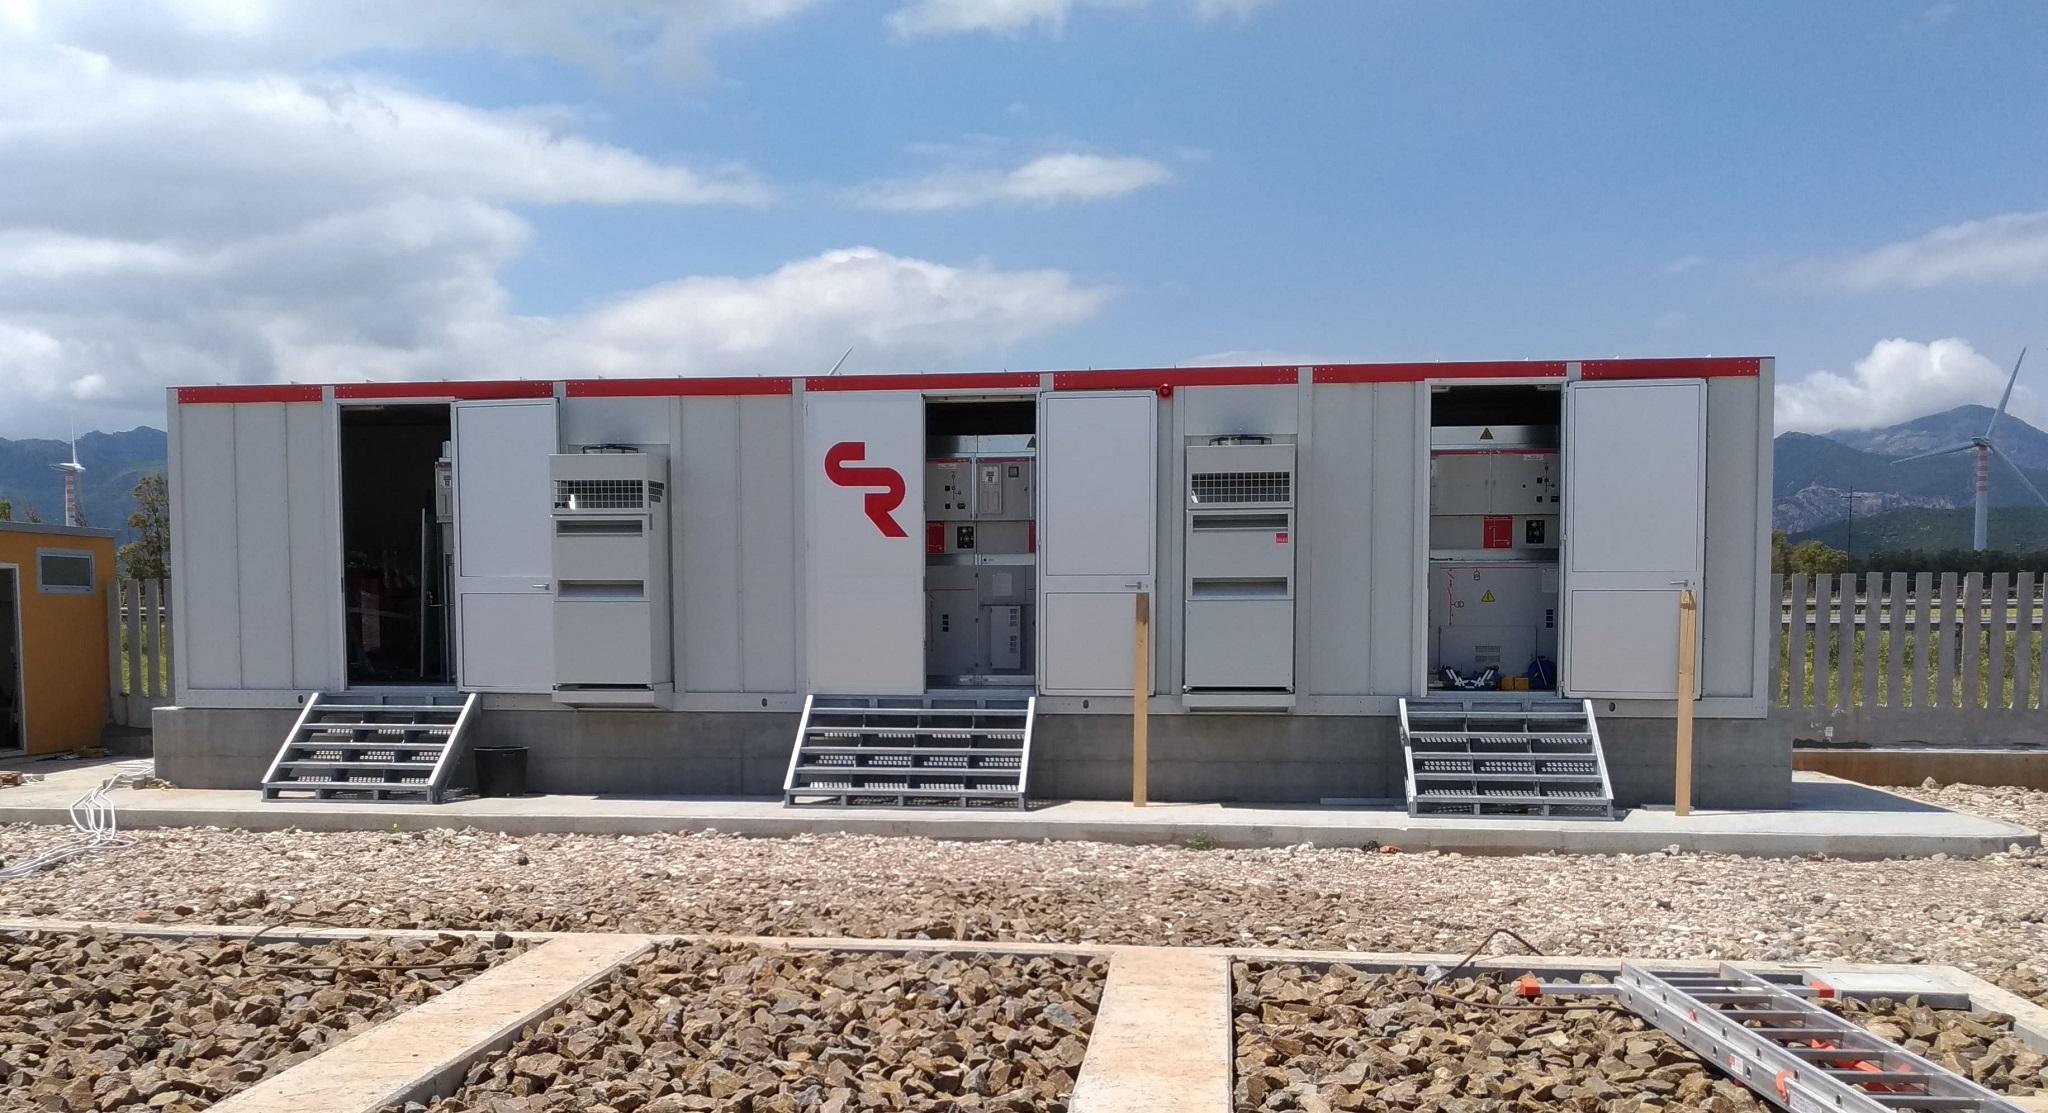 Cabine elettriche a Macchiareddu, Sardegna